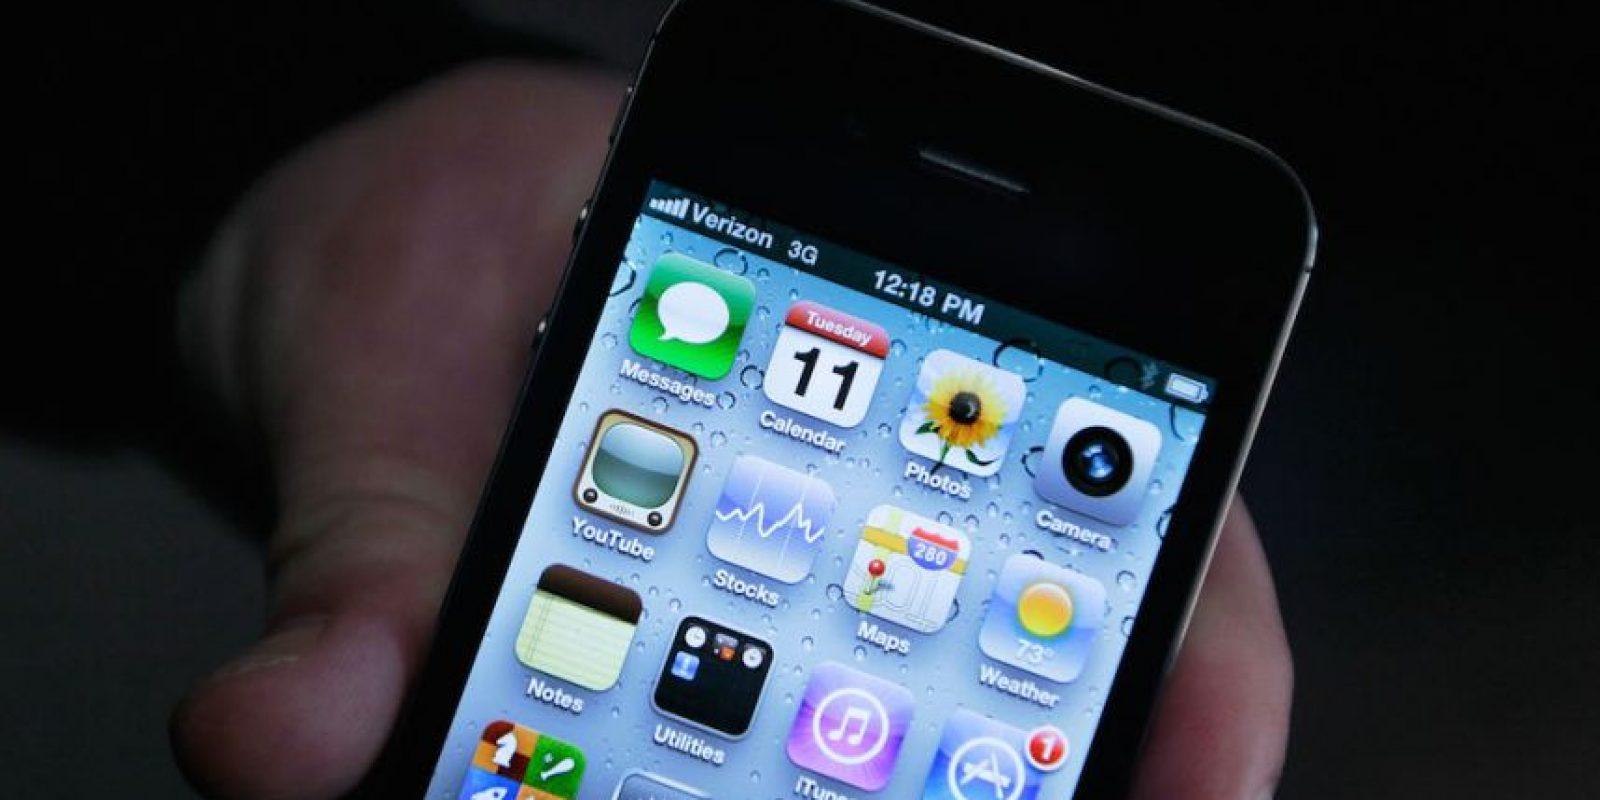 Se incluye una pregunta de compra para que los padres decidan qué aplicaciones pueden comprar sus hijos en iTunes y la App Store. Asimismo, pueden optar porque sus hijos no reciban mensajes de personas que no están en sus contactos para que no hablen con extraños. Foto:Getty Images